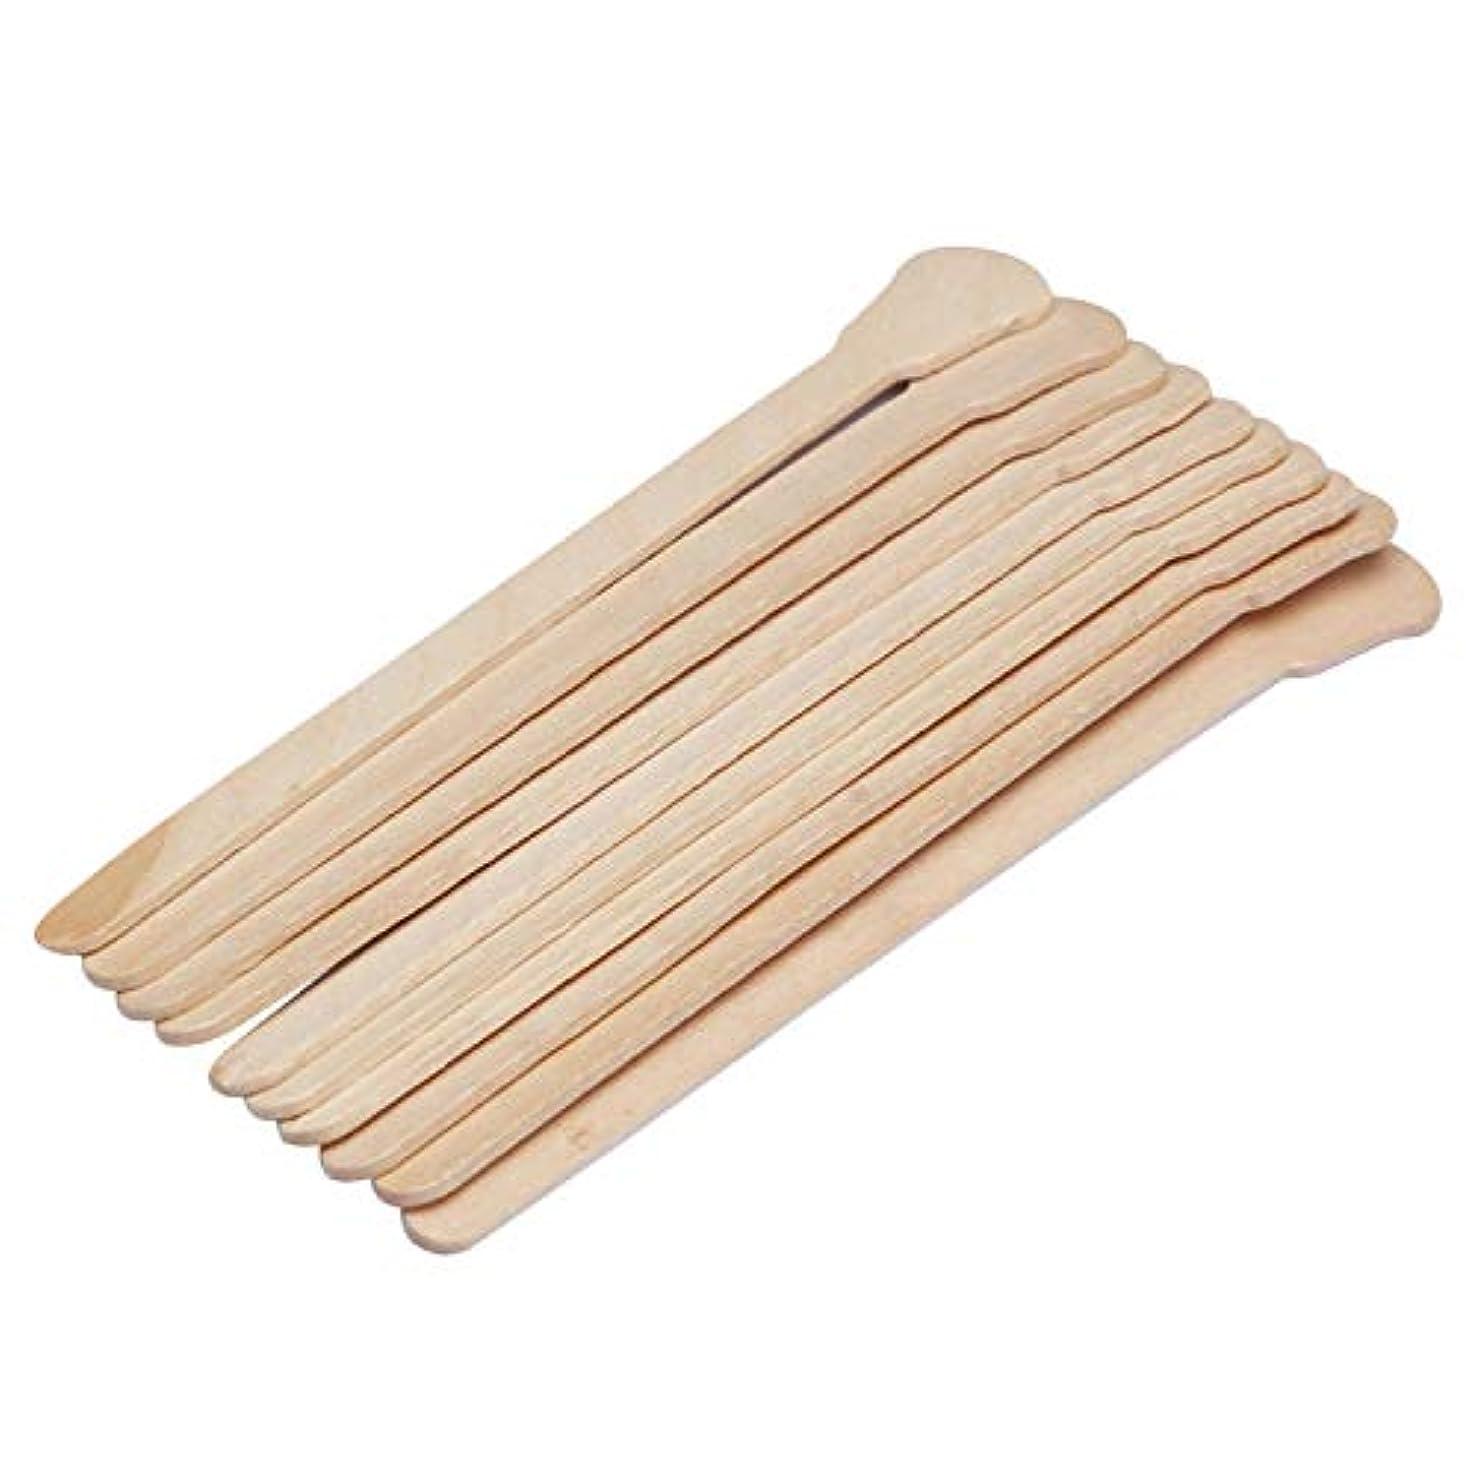 基礎理論制限する遠えMigavann 50ピース12.5センチブラジリアンワックス 脱毛 木ヘラ ウッドスパチュラ ワックス脱毛木製ワックススティックワックスへら 使い捨て木製ワックスヘラ舌ワックスアプリケータ